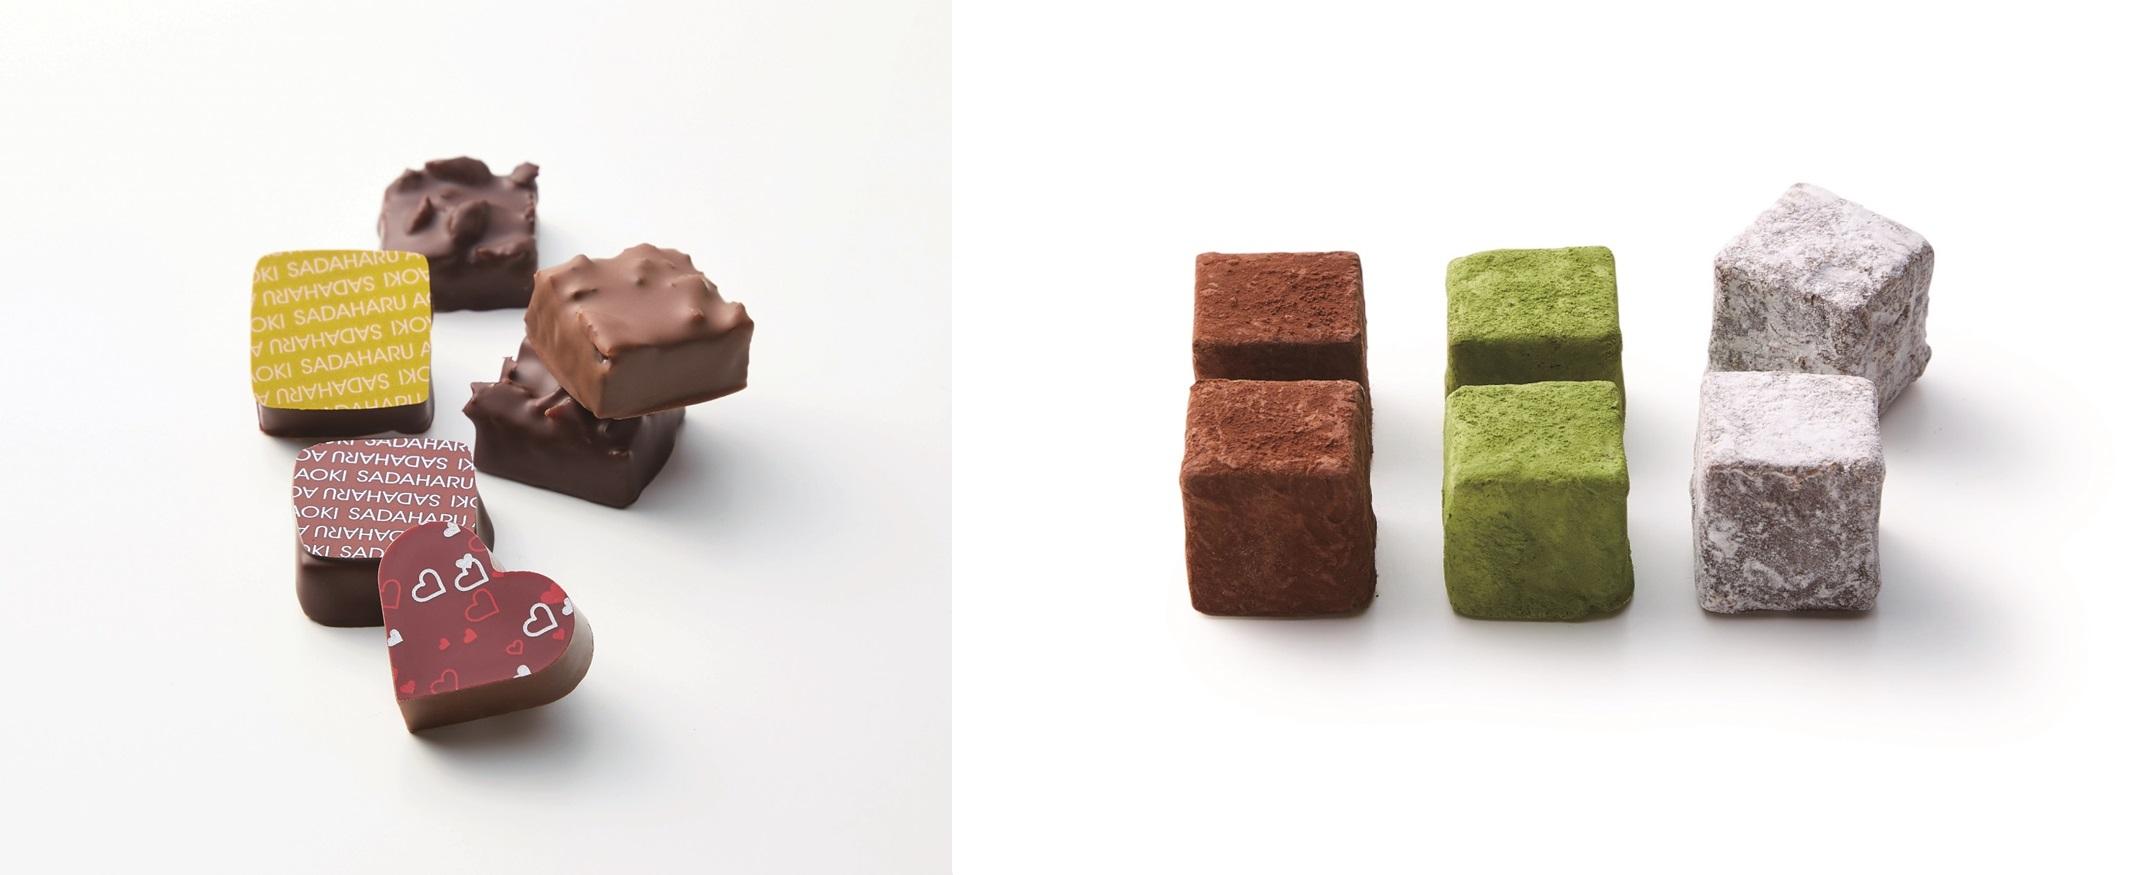 日本一のチョコレートの祭典「アムール デュ ショコラ」、2月14日まで開催!購入したおすすめ商品もご紹介 - 6